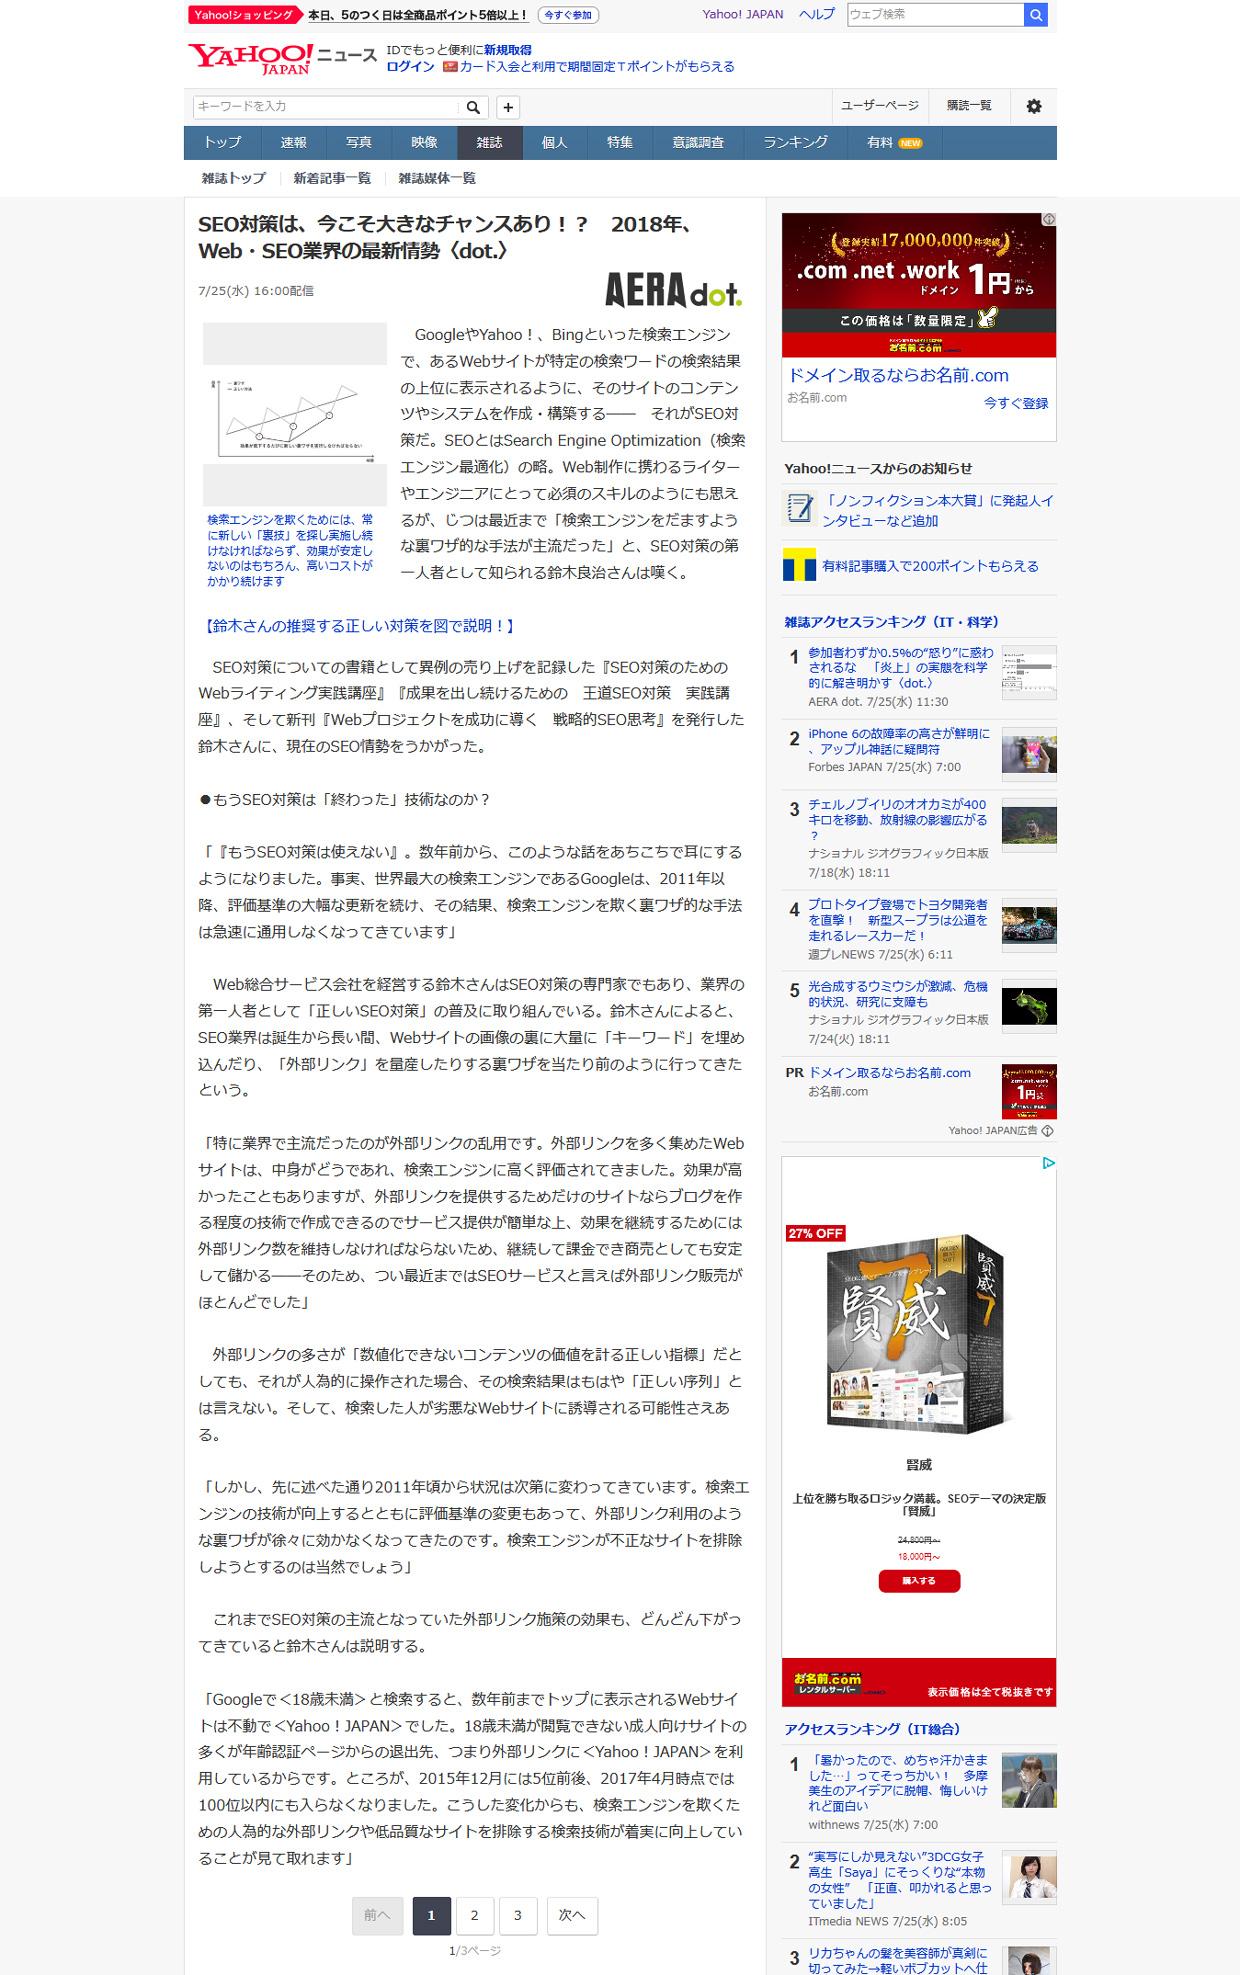 鈴木良治 AERA dot.(アエラドット)インタビュー Yahoo!JAPAN掲載